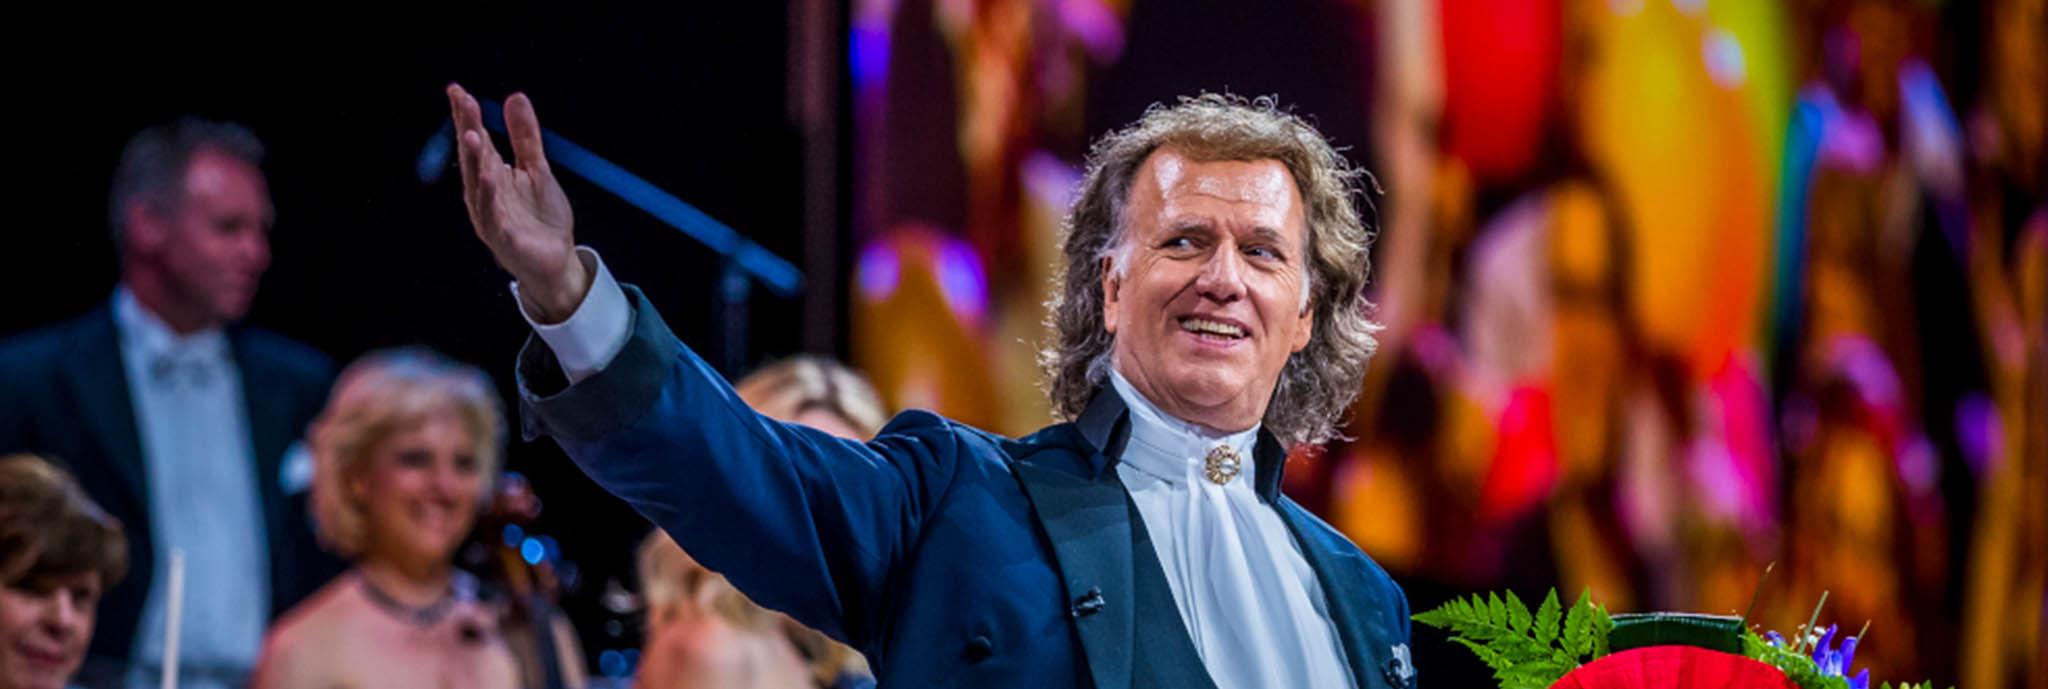 André Rieu kommt in die König-Pilsener-ARENA nach Oberhausen!